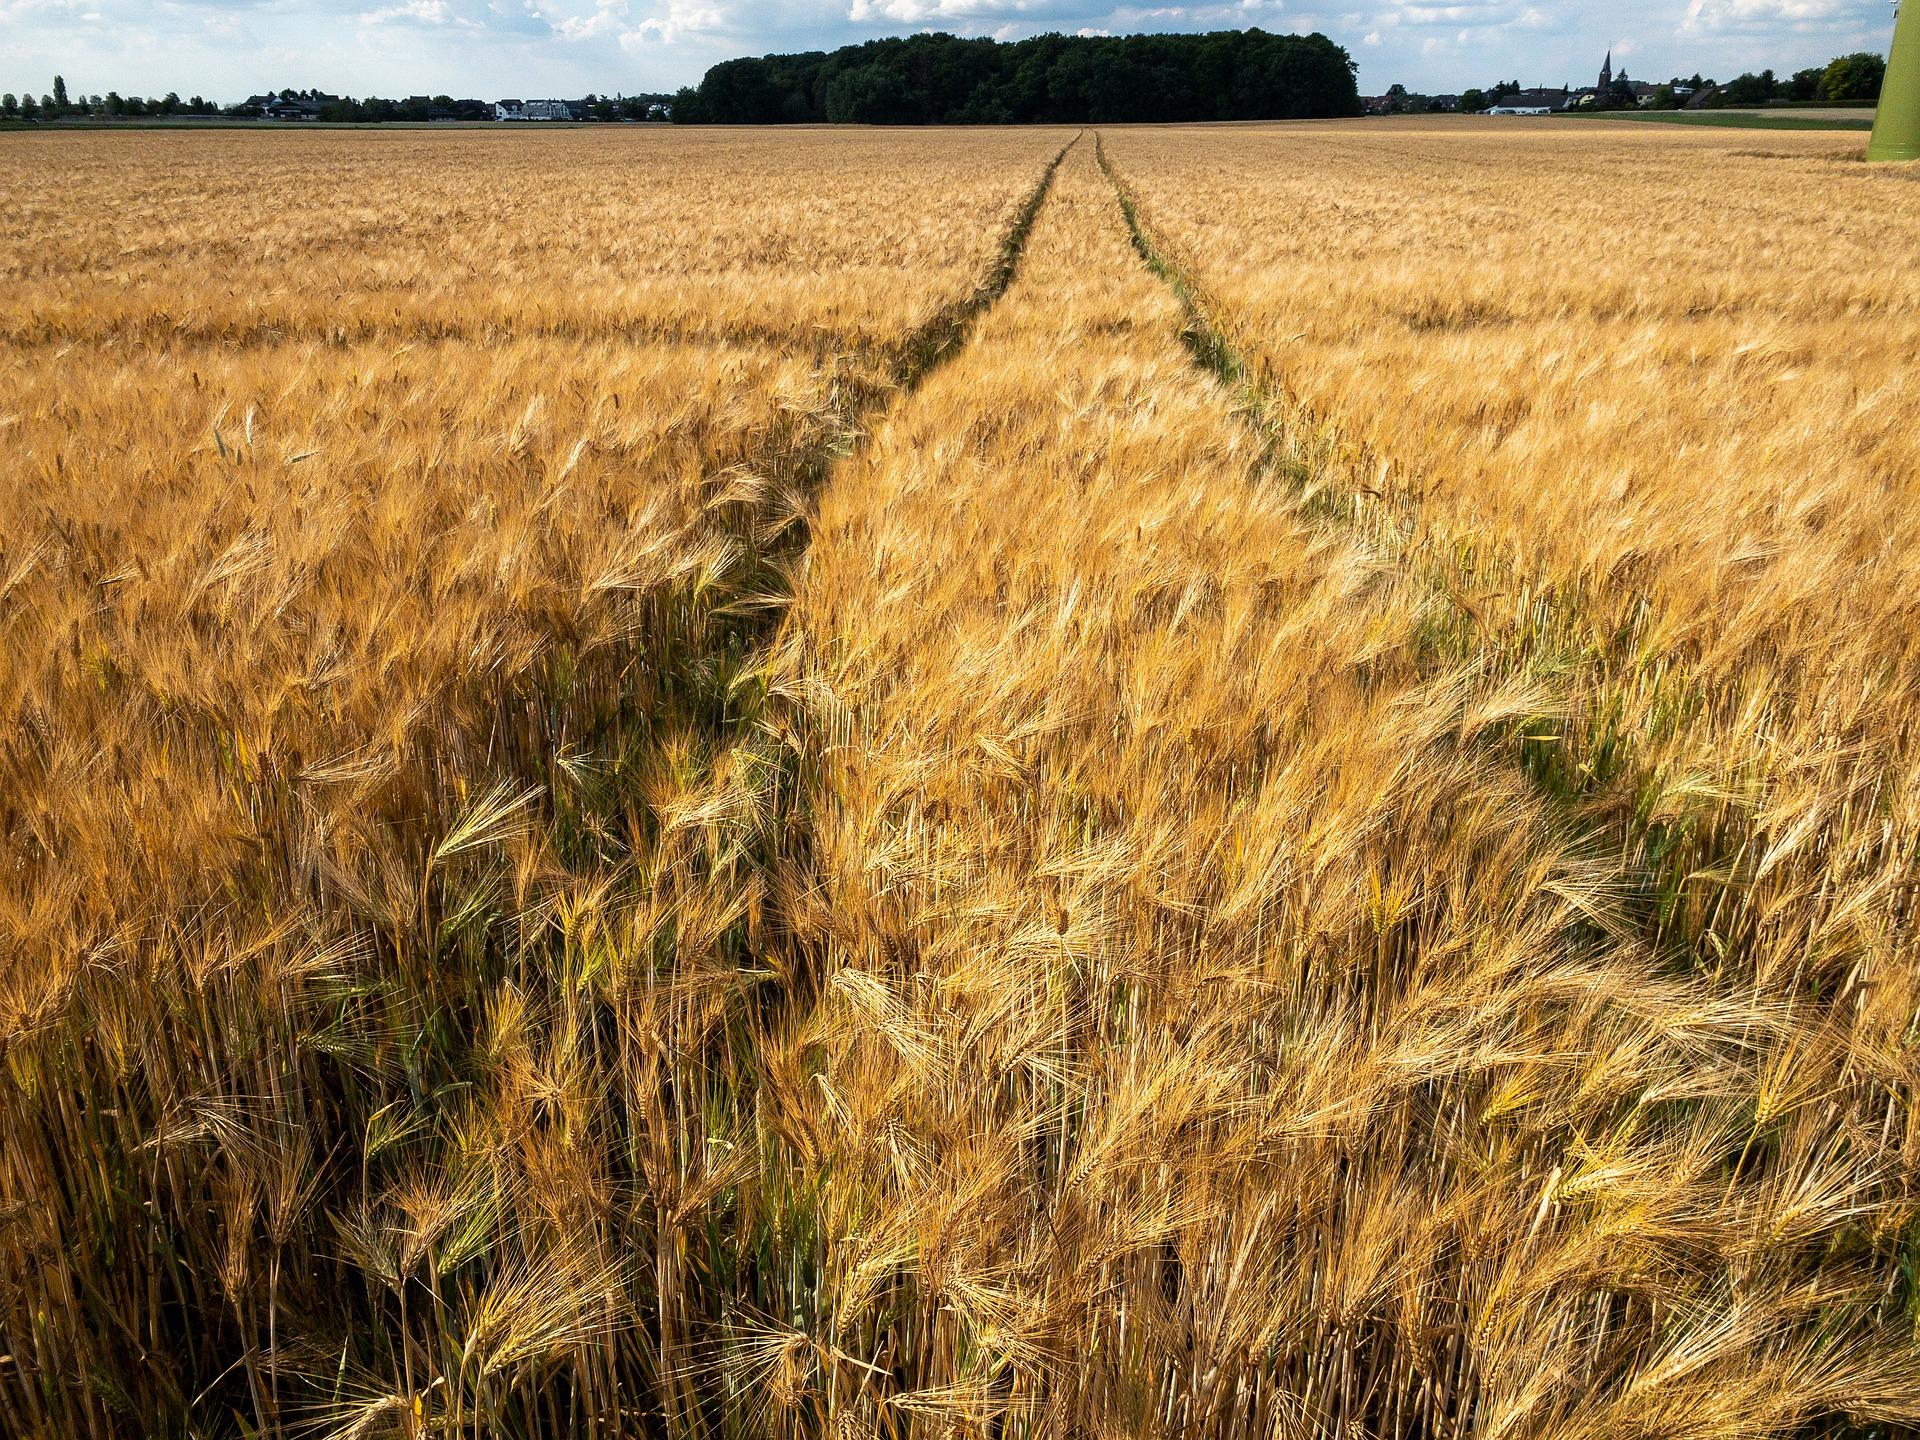 Agrarsubventionen 2019: Wer kriegt wie viel?